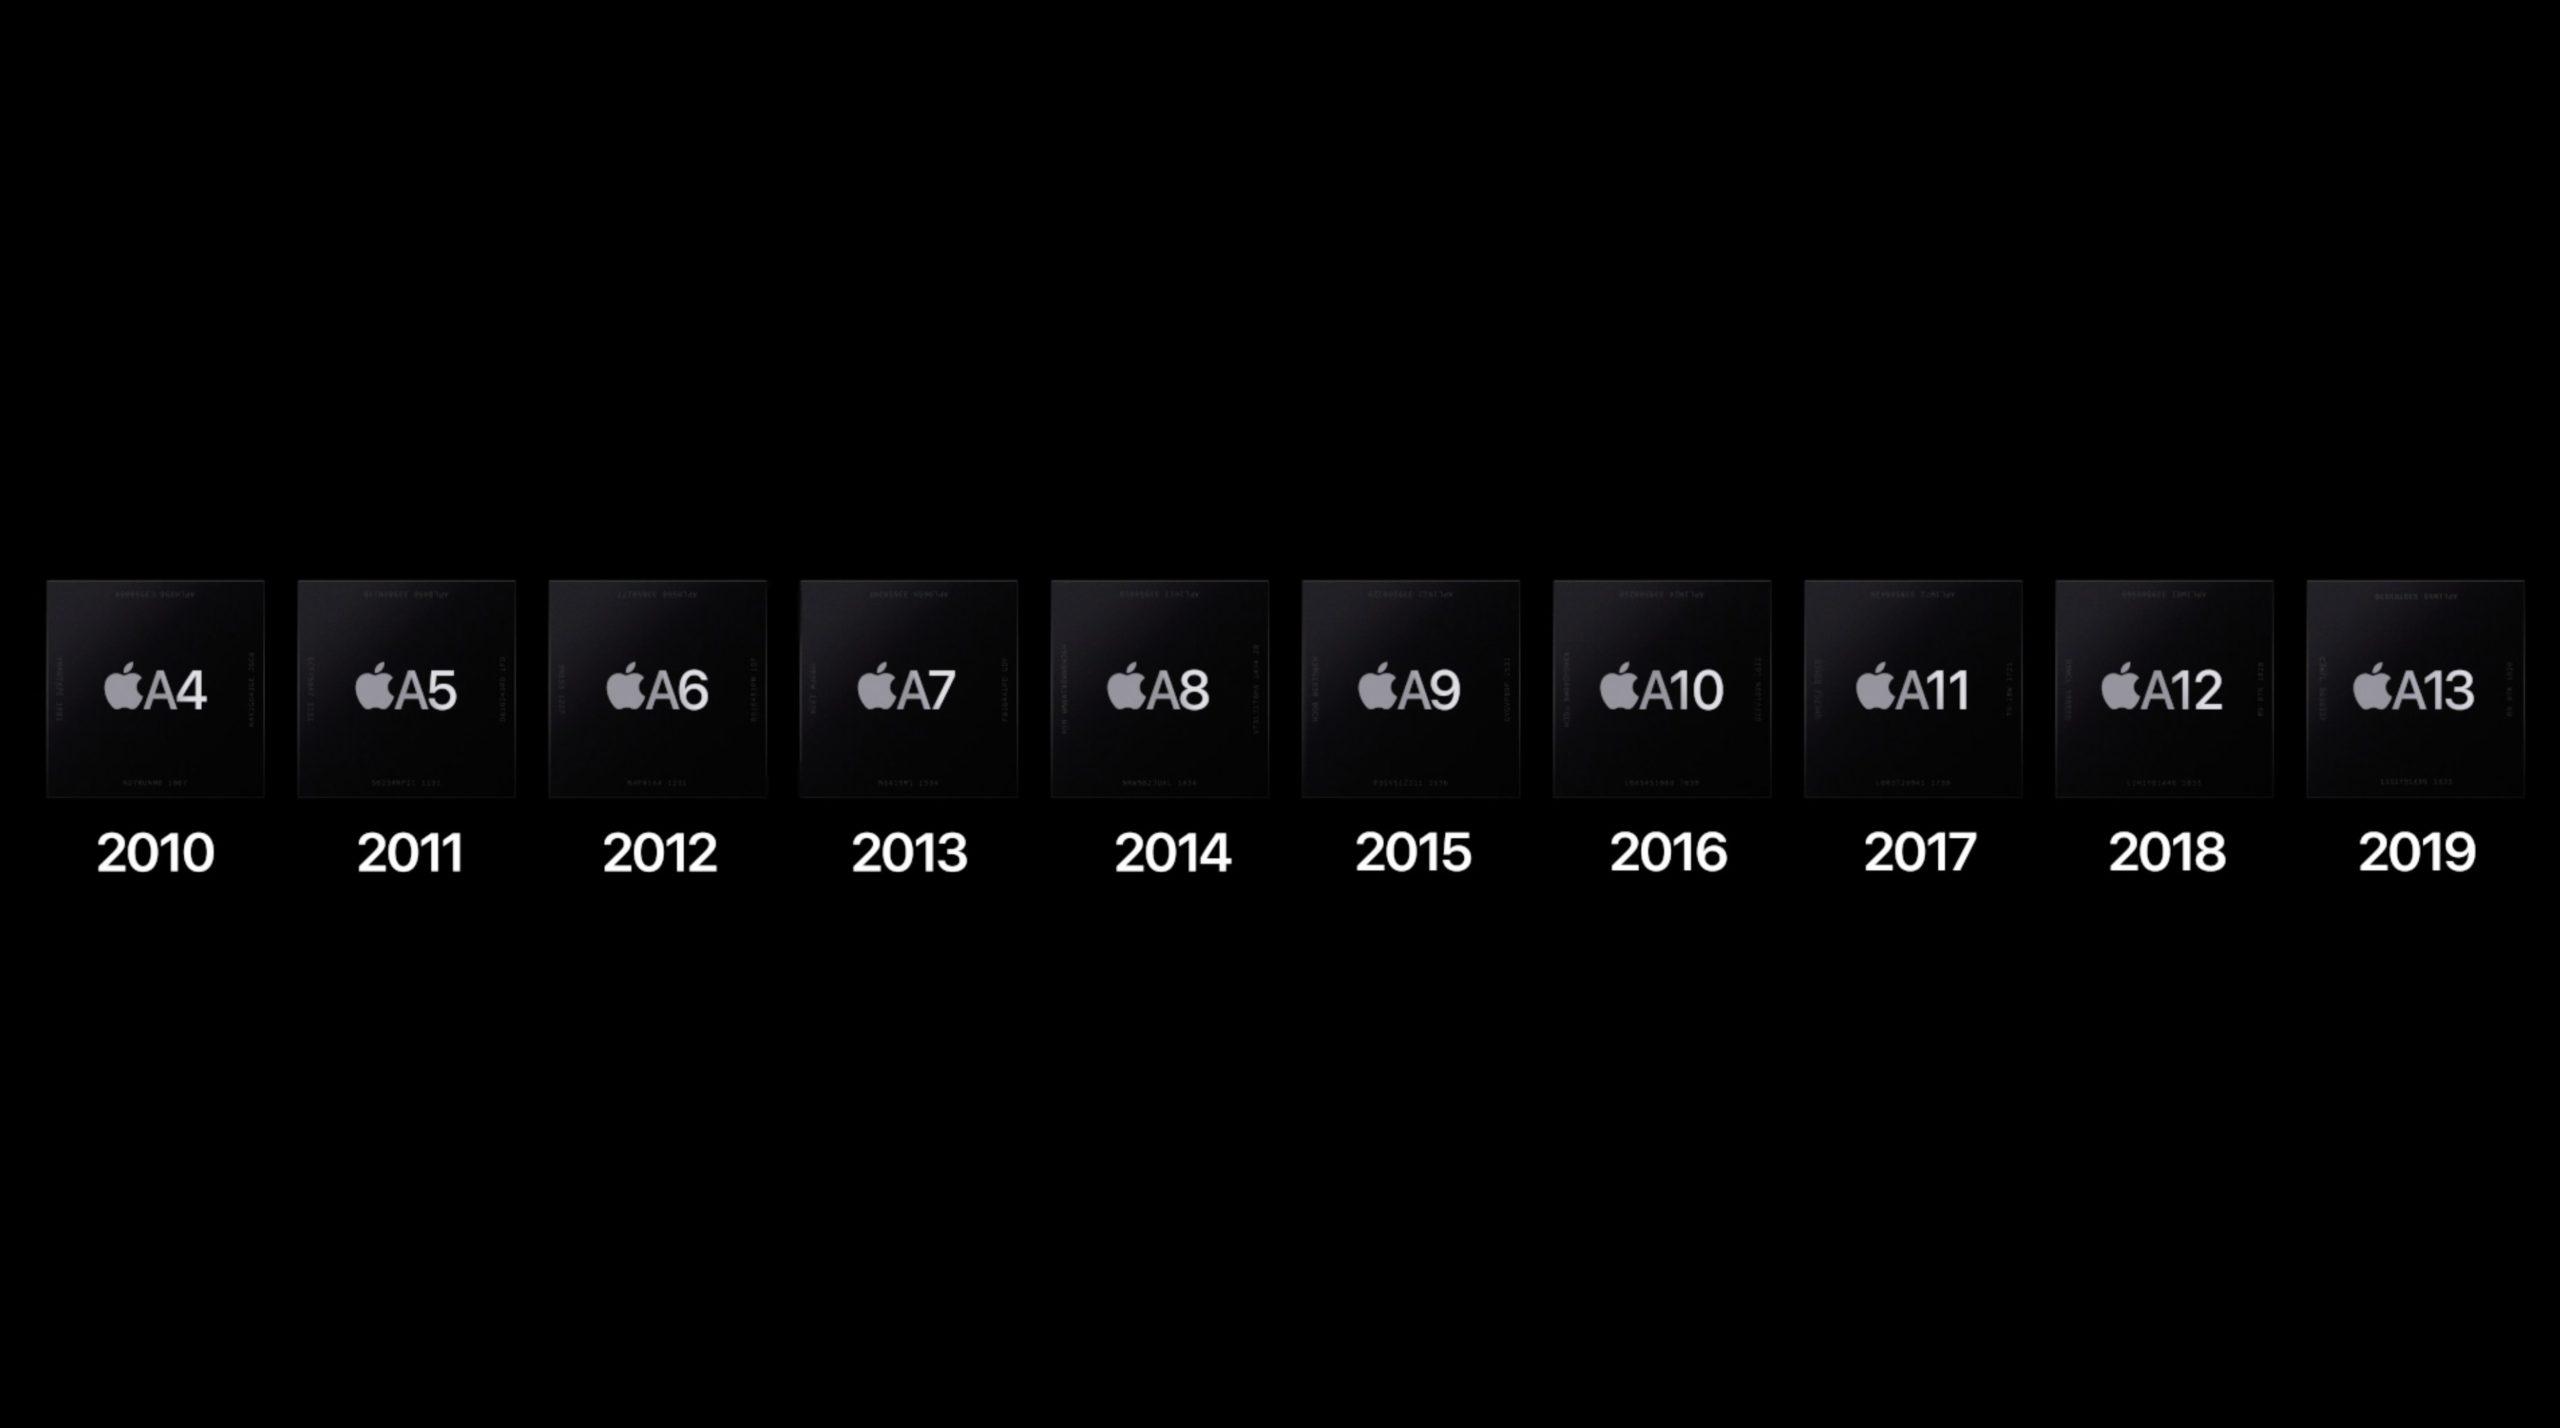 Historia de SoCs de Apple